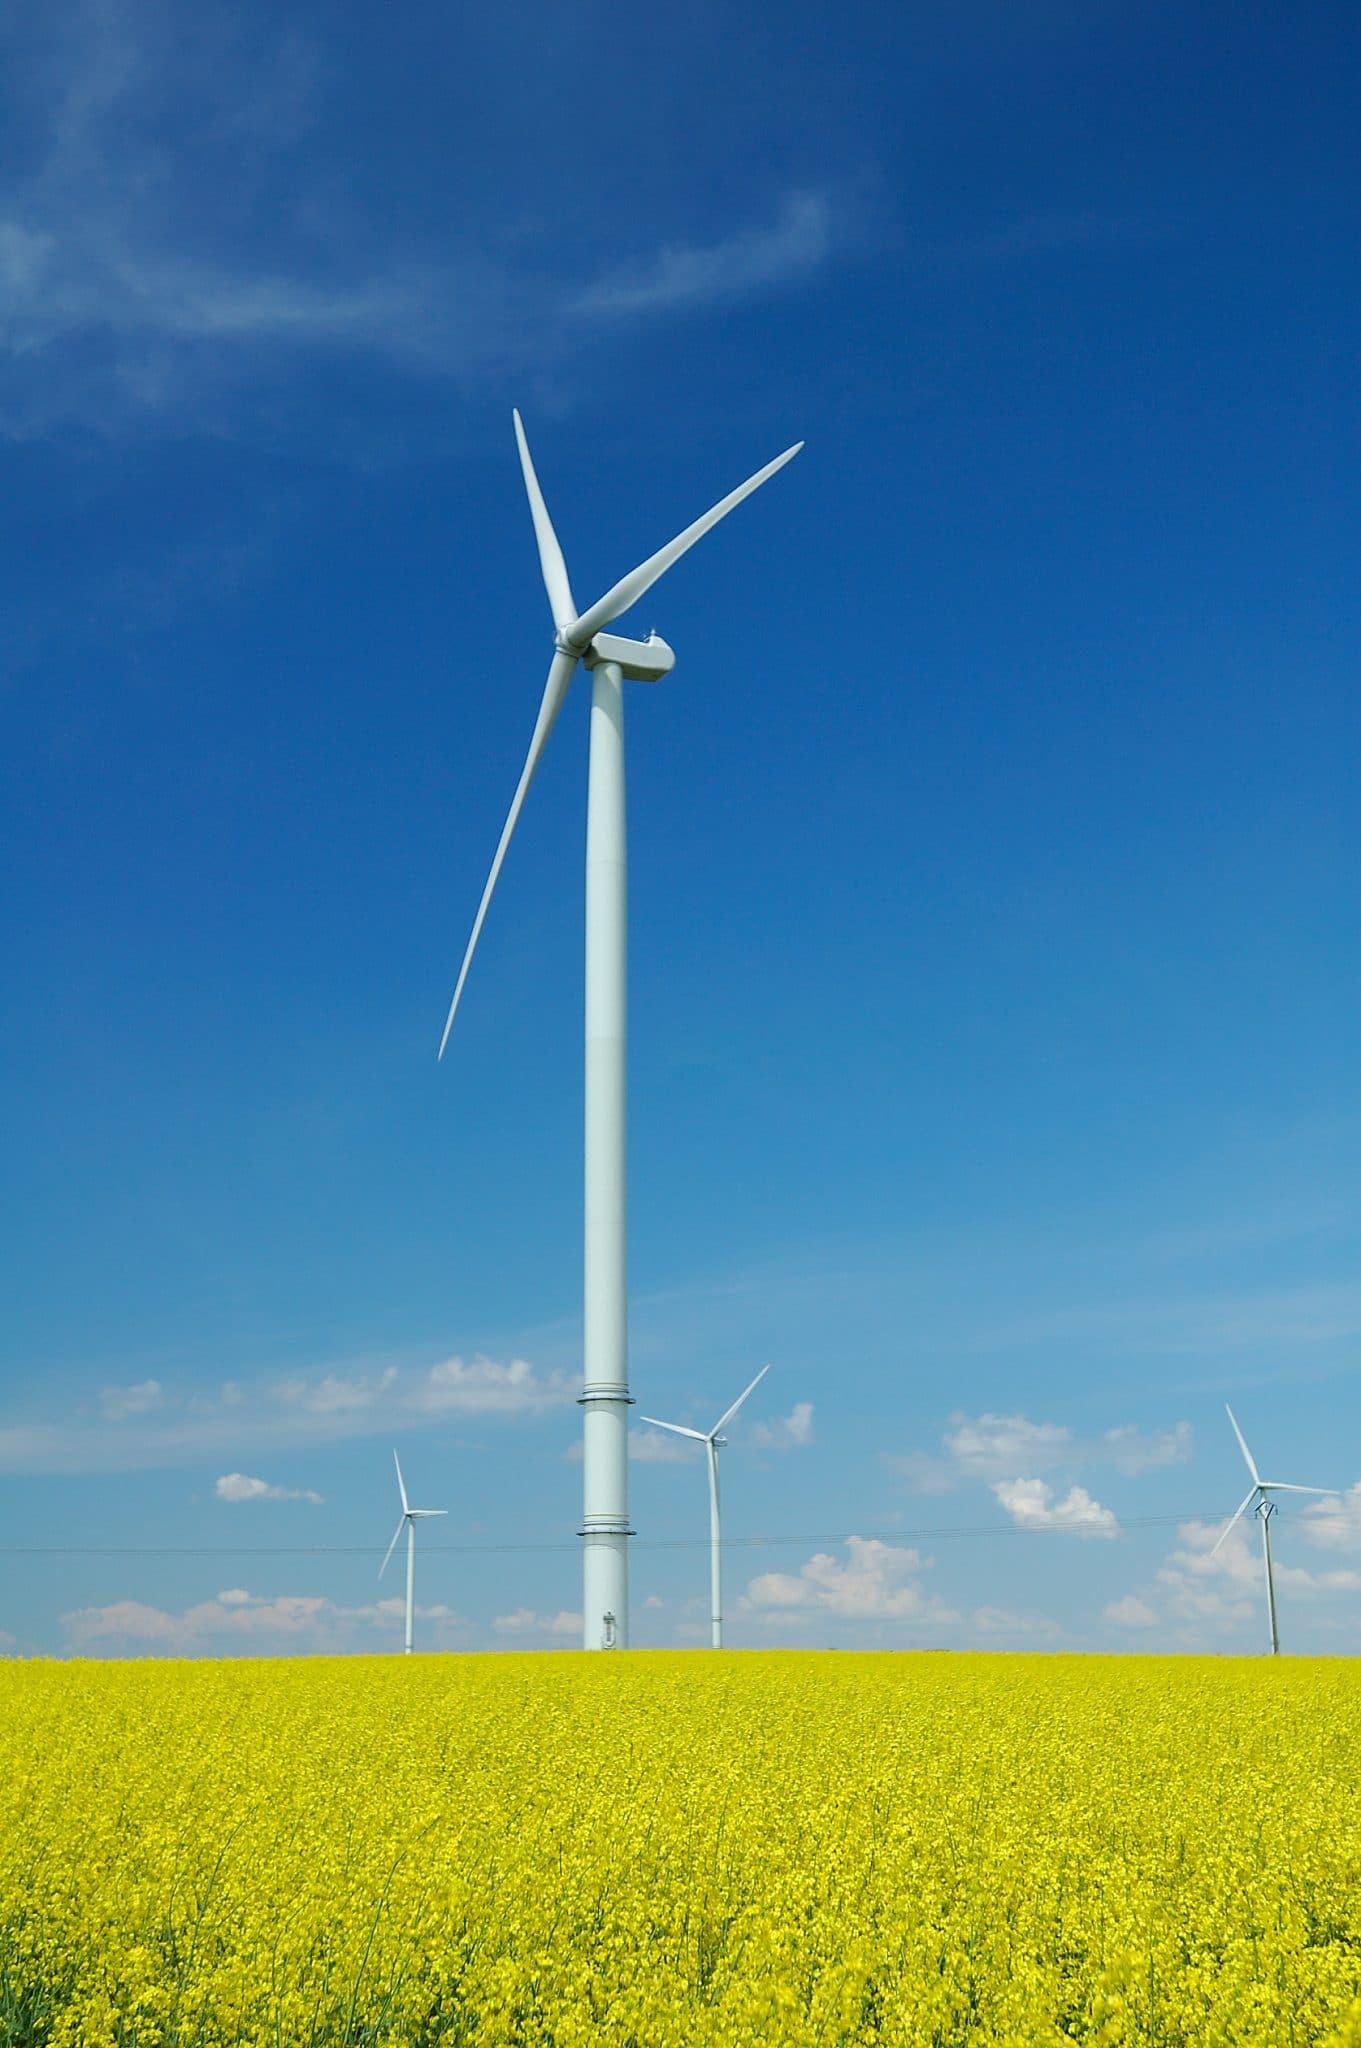 Auf dem Bild ist ein Windkraftpark auf einer schönen Wiese zu sehen. Der Himmel ist blau und es sind vier Windkrafträder zu sehen. Die Windkrafträder sollen die erneuerbaren Energien präsentieren und auf die Dienstleistung Energieservice von Service Oberberg lenken.